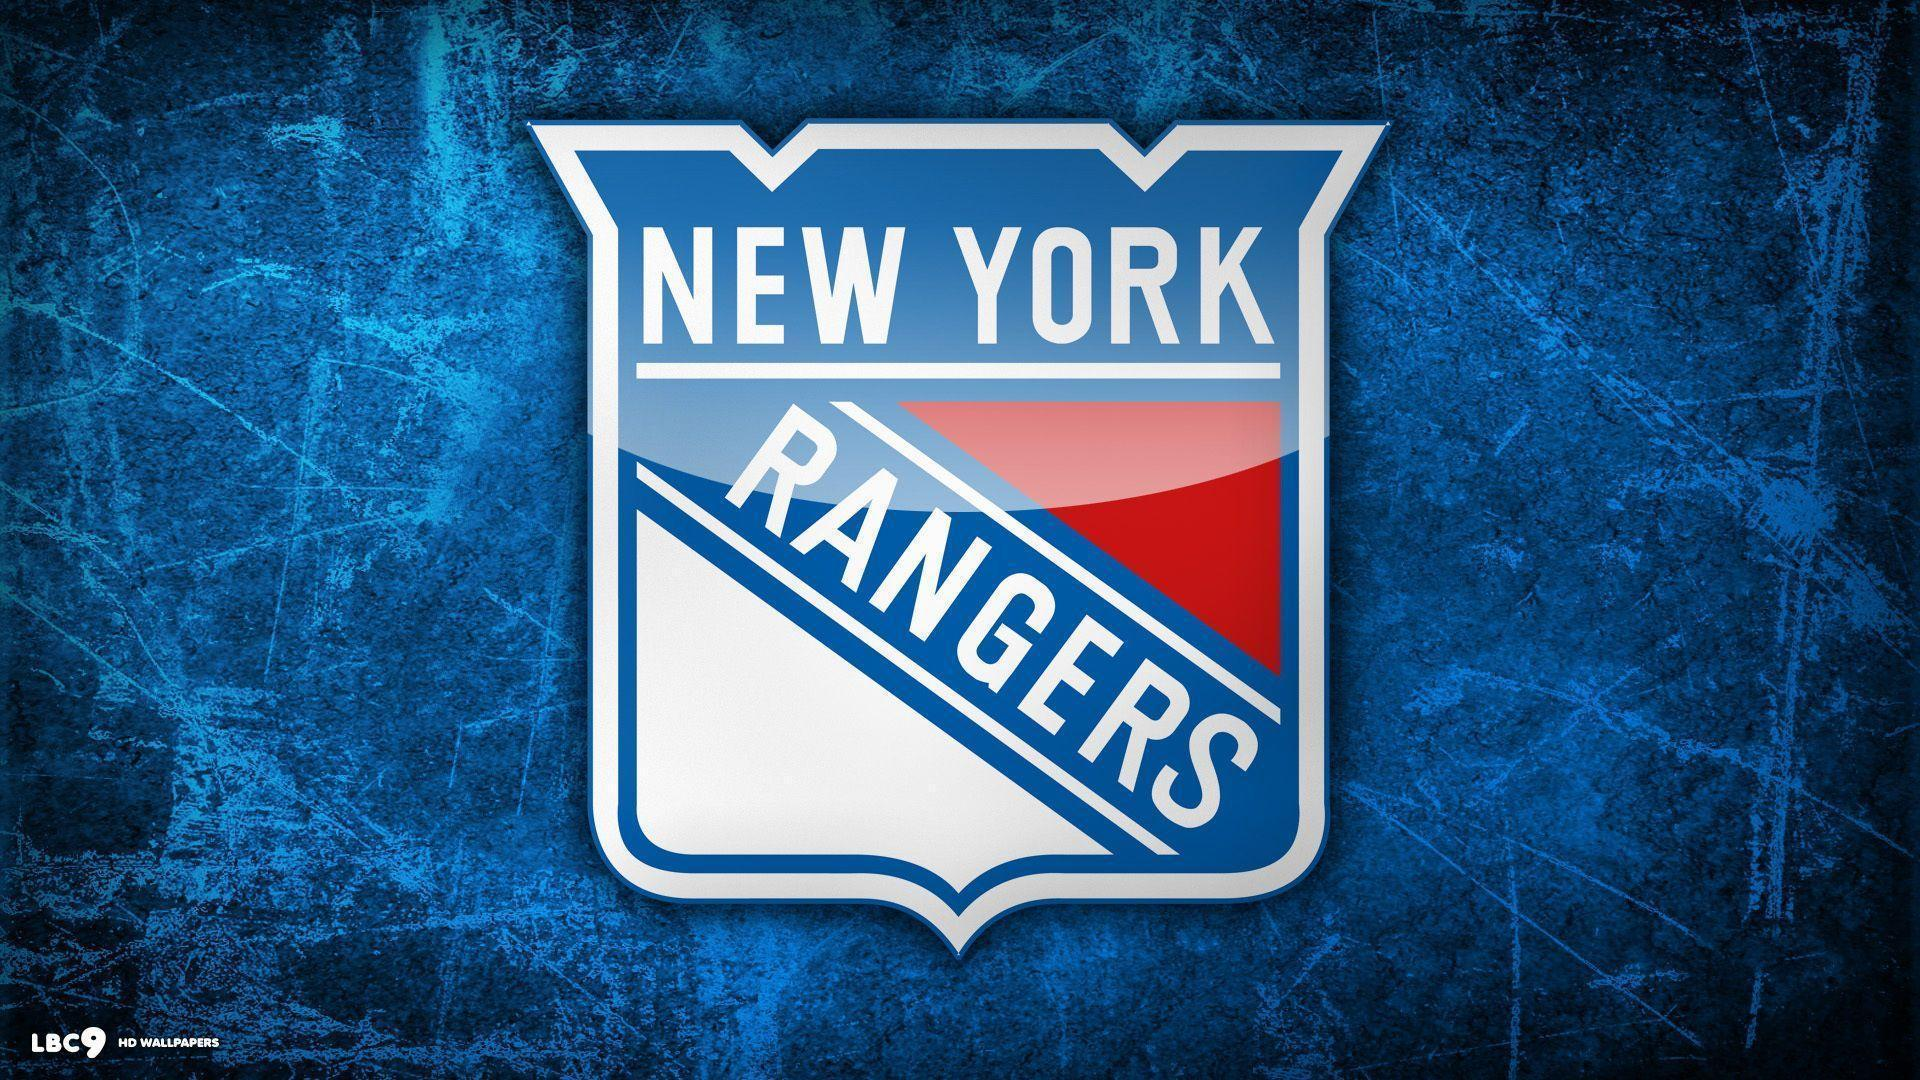 New York Rangers Wallpaper - New York Rangers Wallpaper Hd , HD Wallpaper & Backgrounds